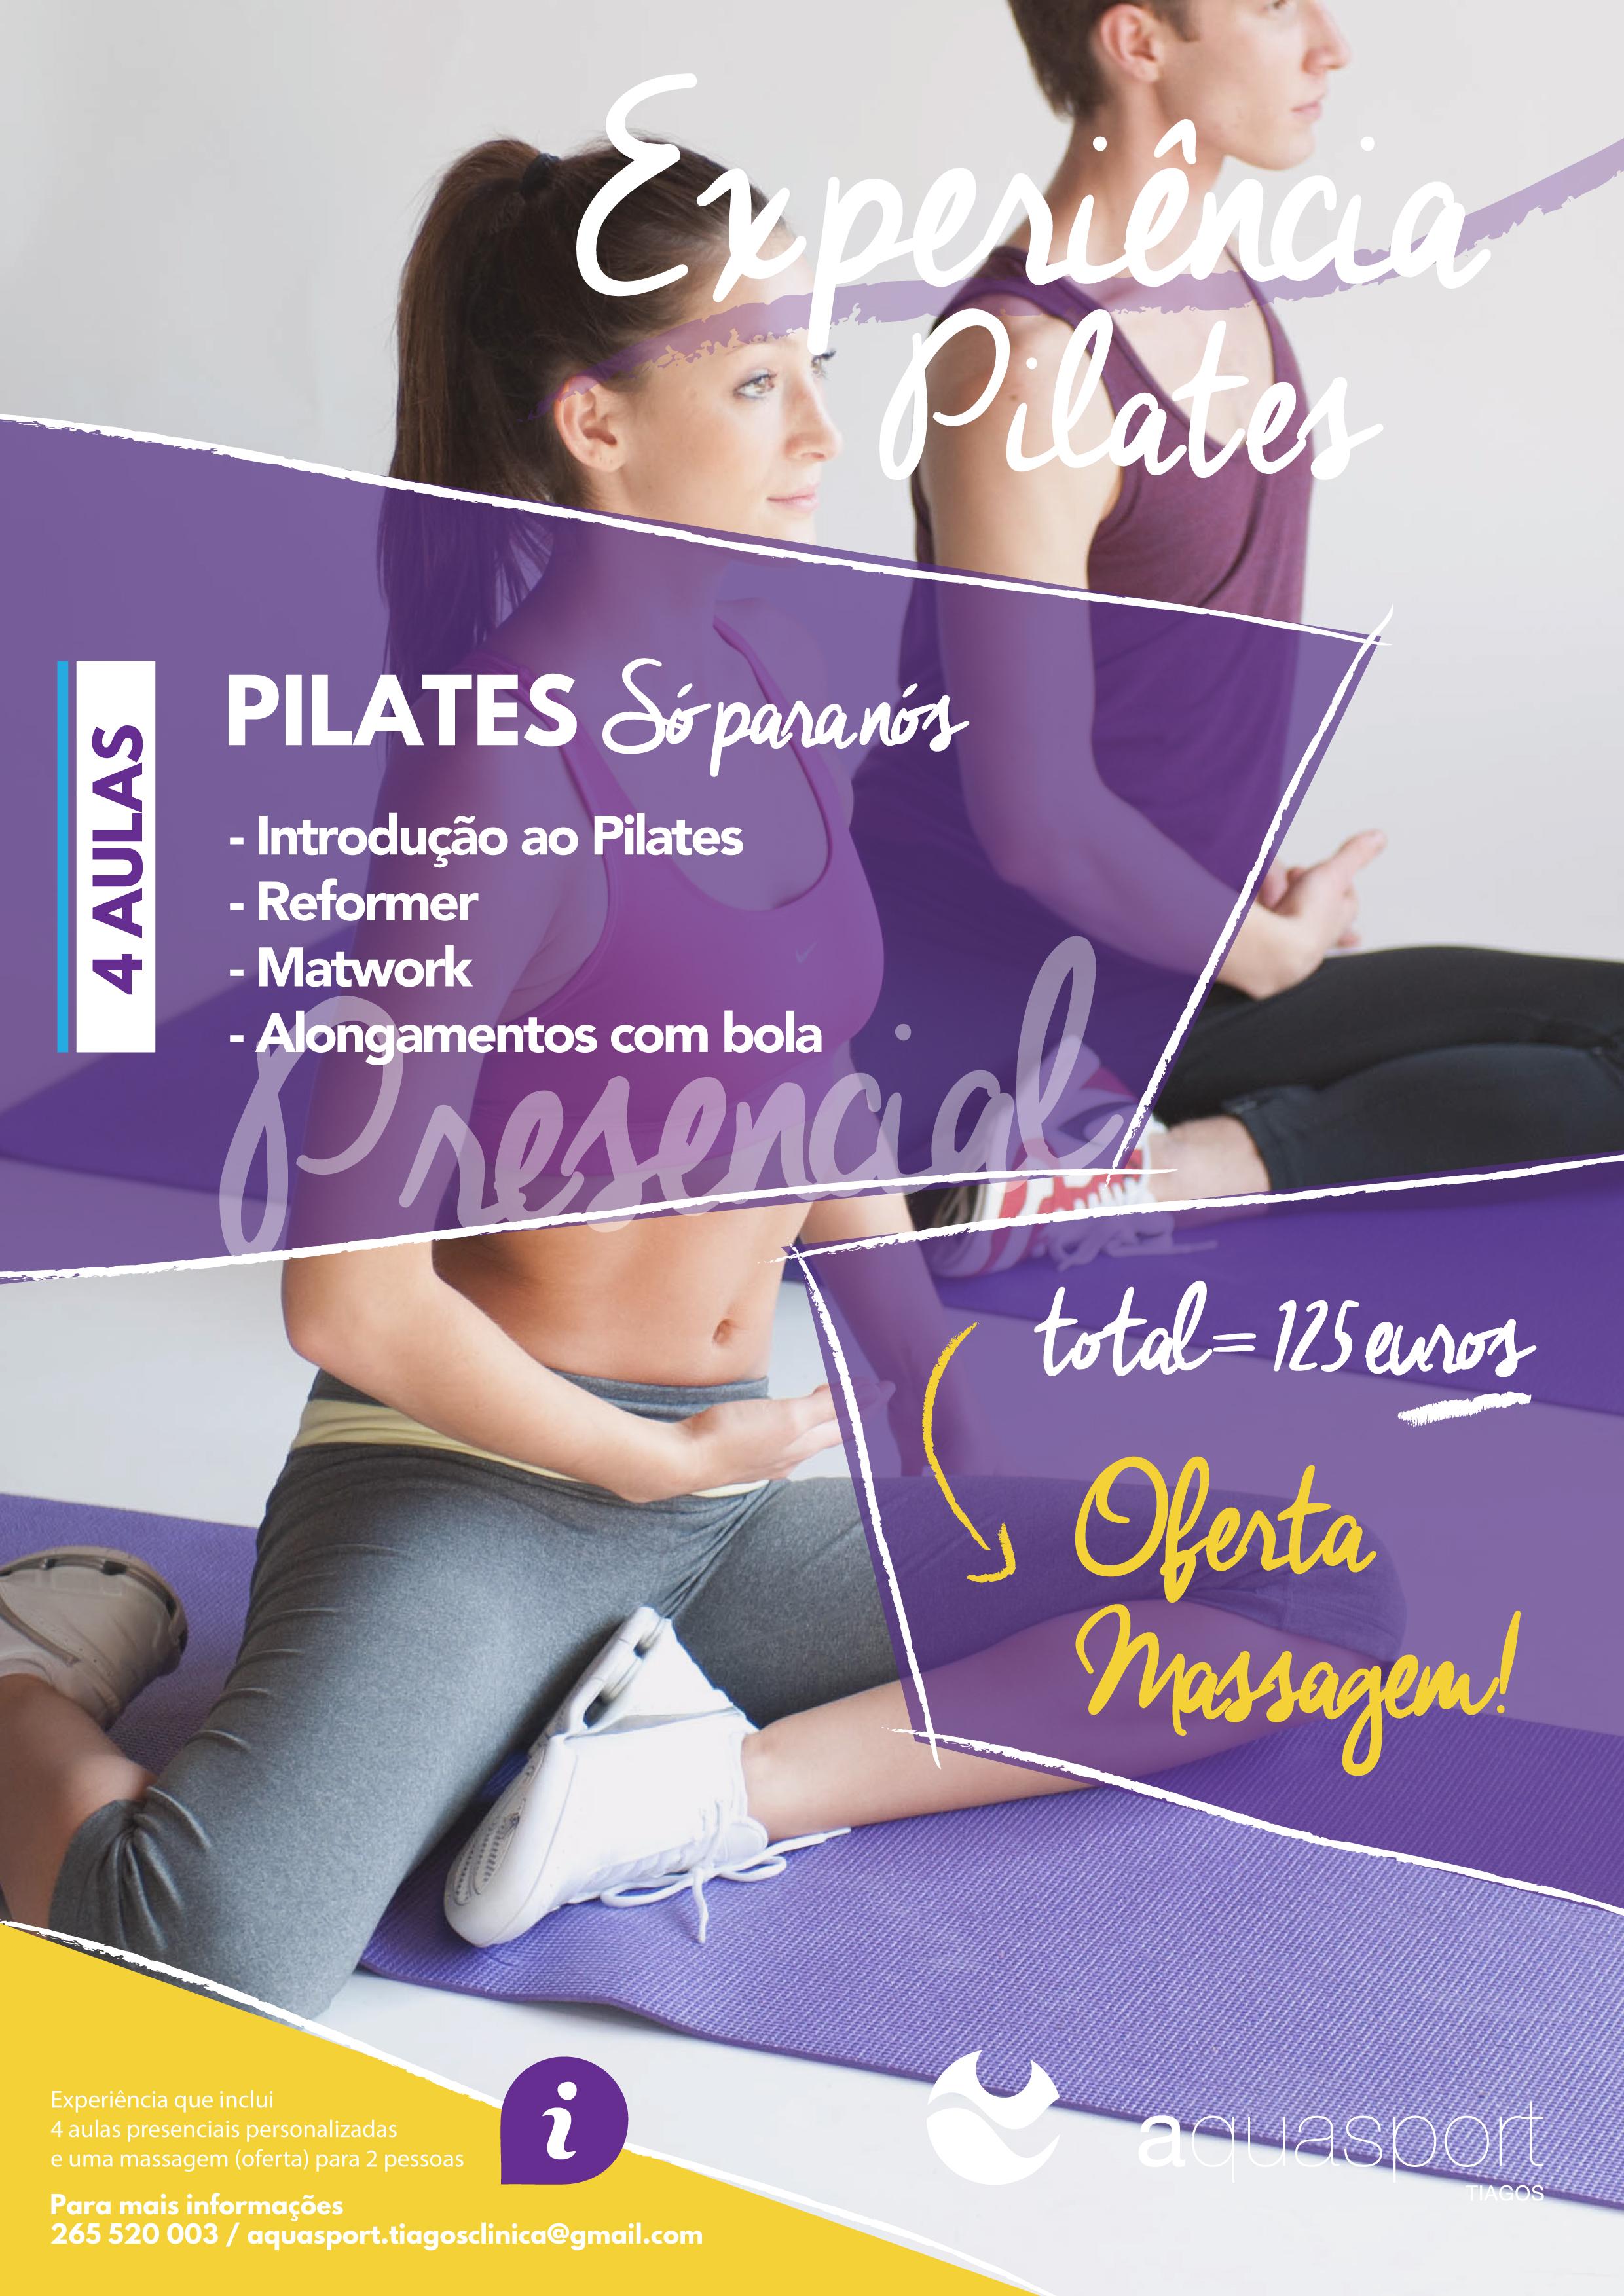 Pilates presencial